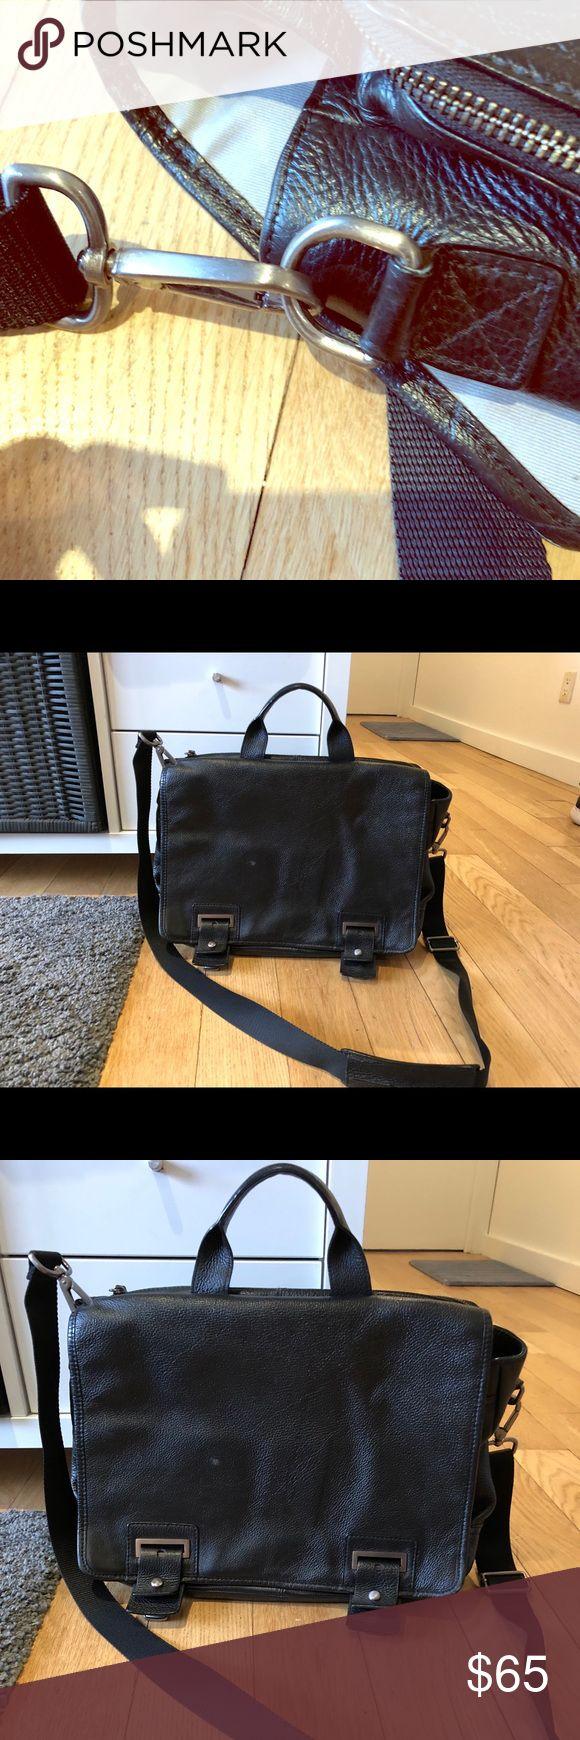 Banana Republic messenger bag Black leather messenger bag for men with laptop pocket Good used condition Banana Republic Bags Laptop Bags